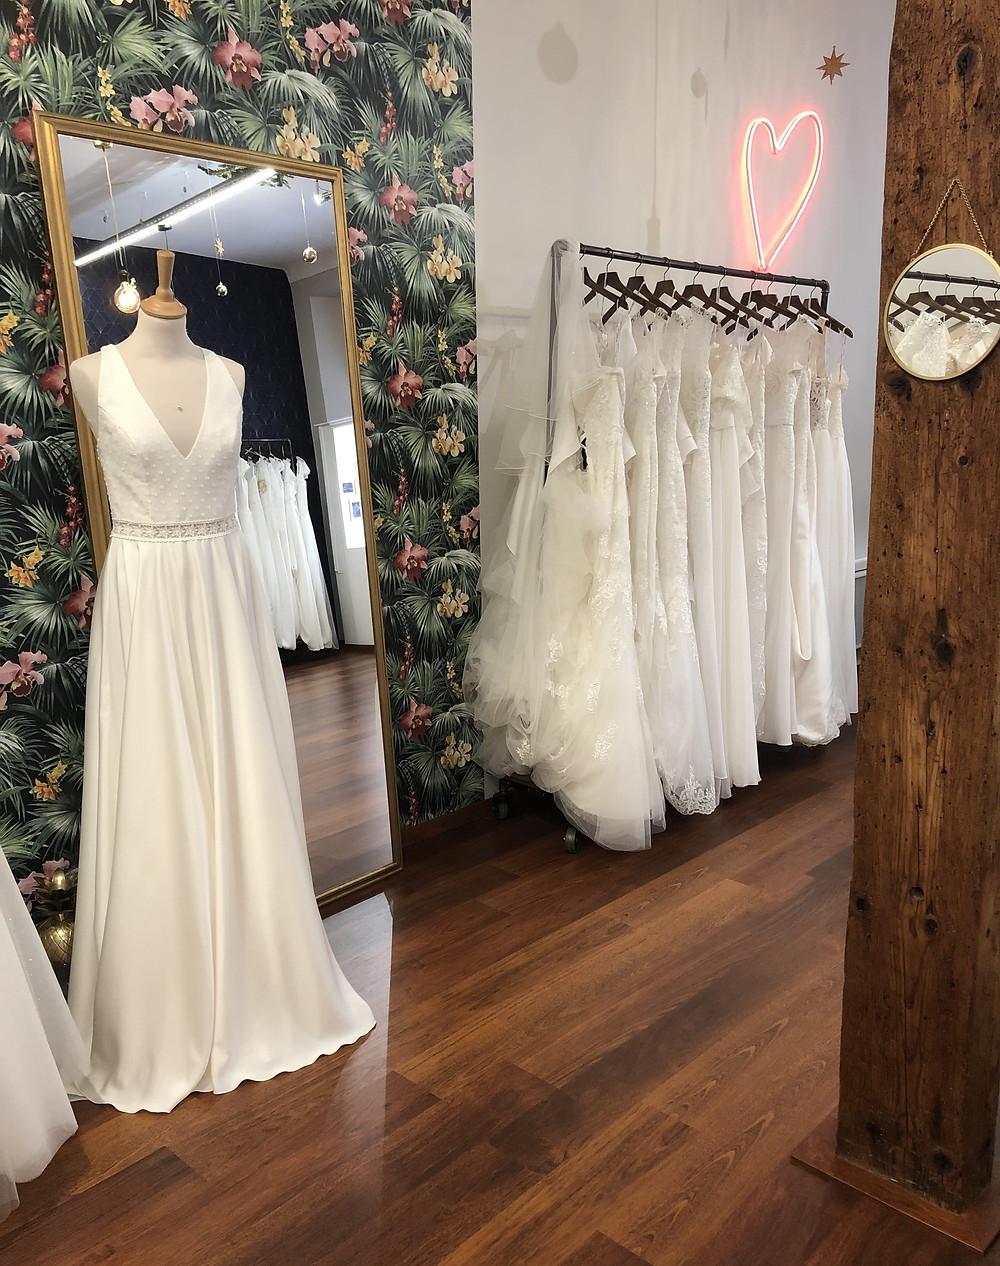 Venez découvrir notre salon | Plumetis, Robes de Mariée à Toulouse & accessoires pour mariées |